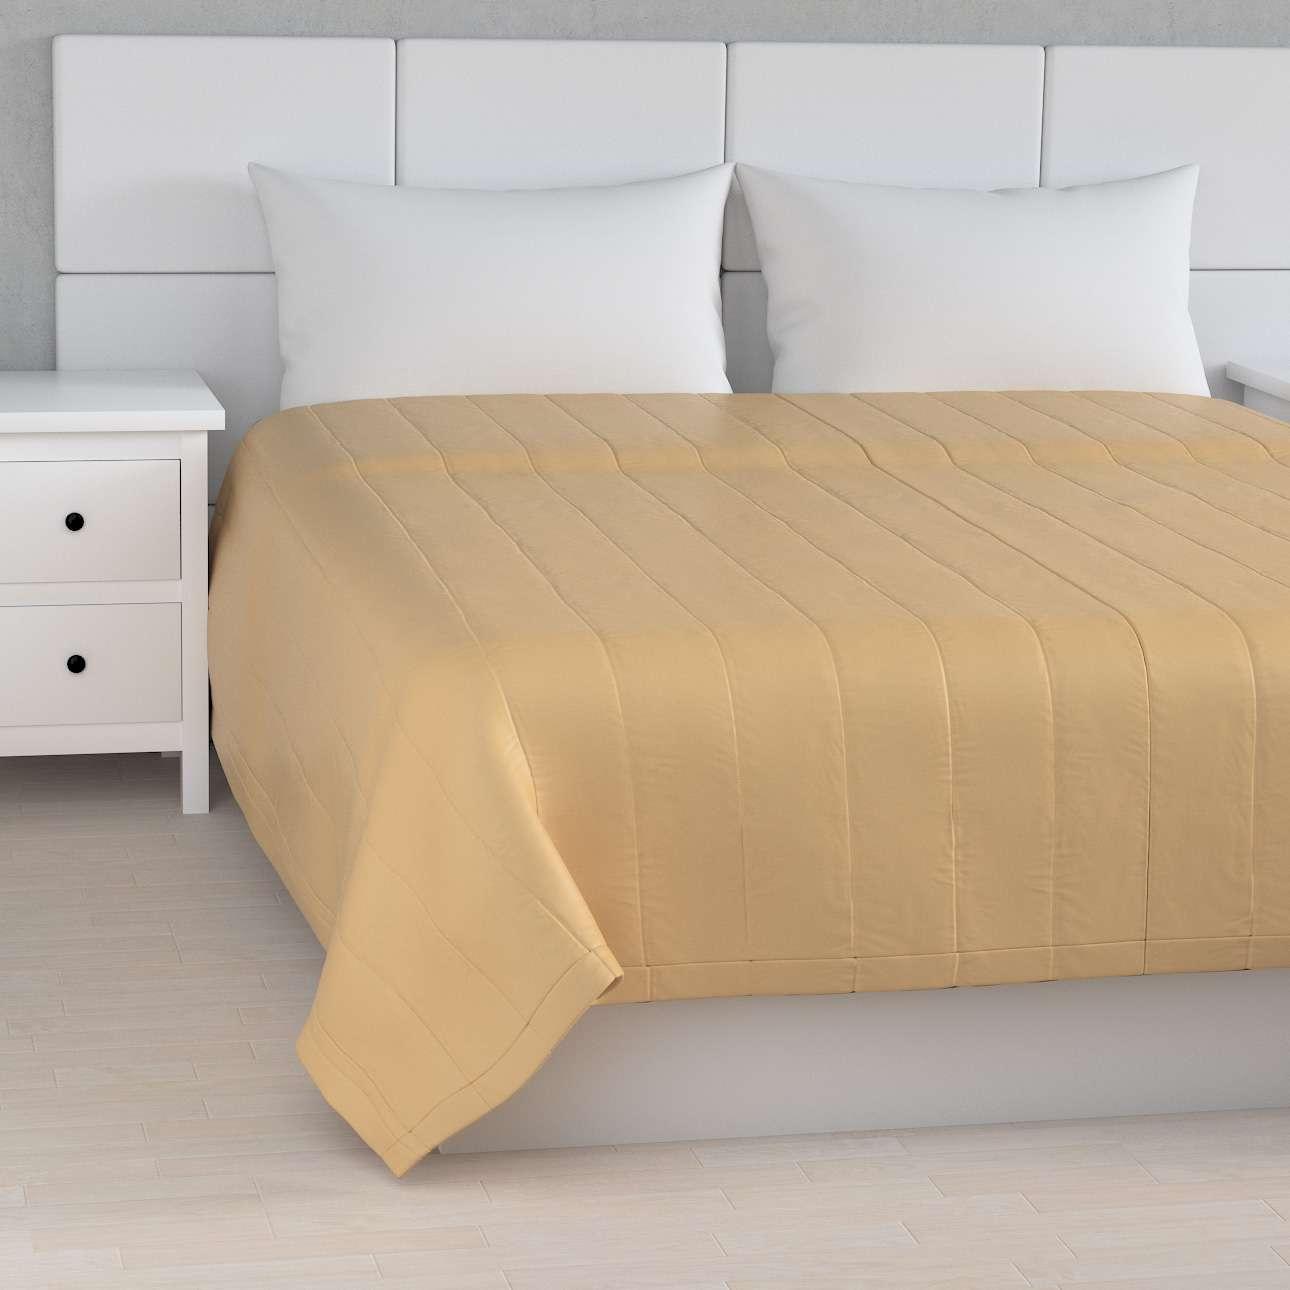 Tagesdecke mit Streifen-Steppung, gold, 170 × 210 cm, Damasco   Heimtextilien > Decken und Kissen > Tagesdecken und Bettüberwürfe   Muster   Dekoria